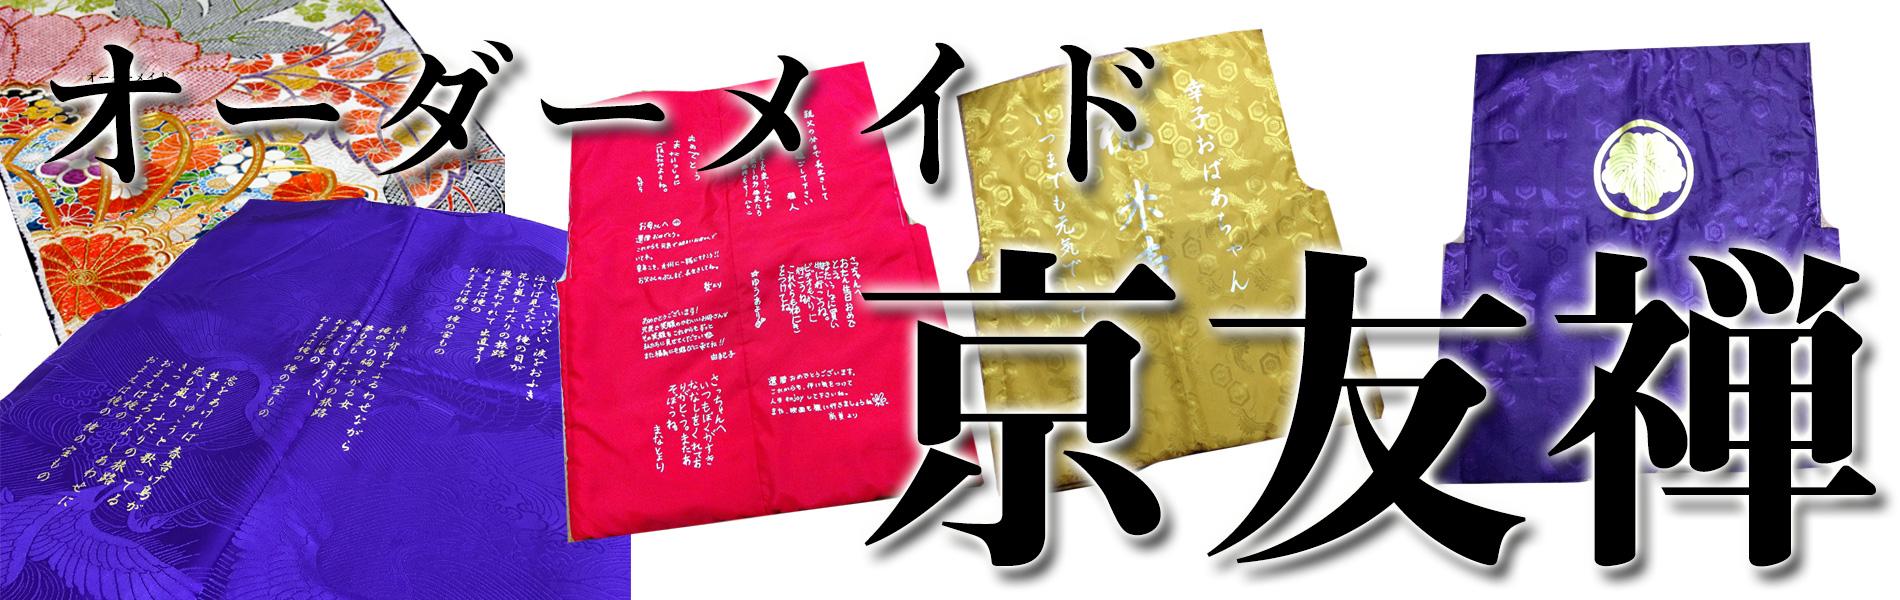 京友禅の技術によるオーダーメイドちゃんちゃんこの画像